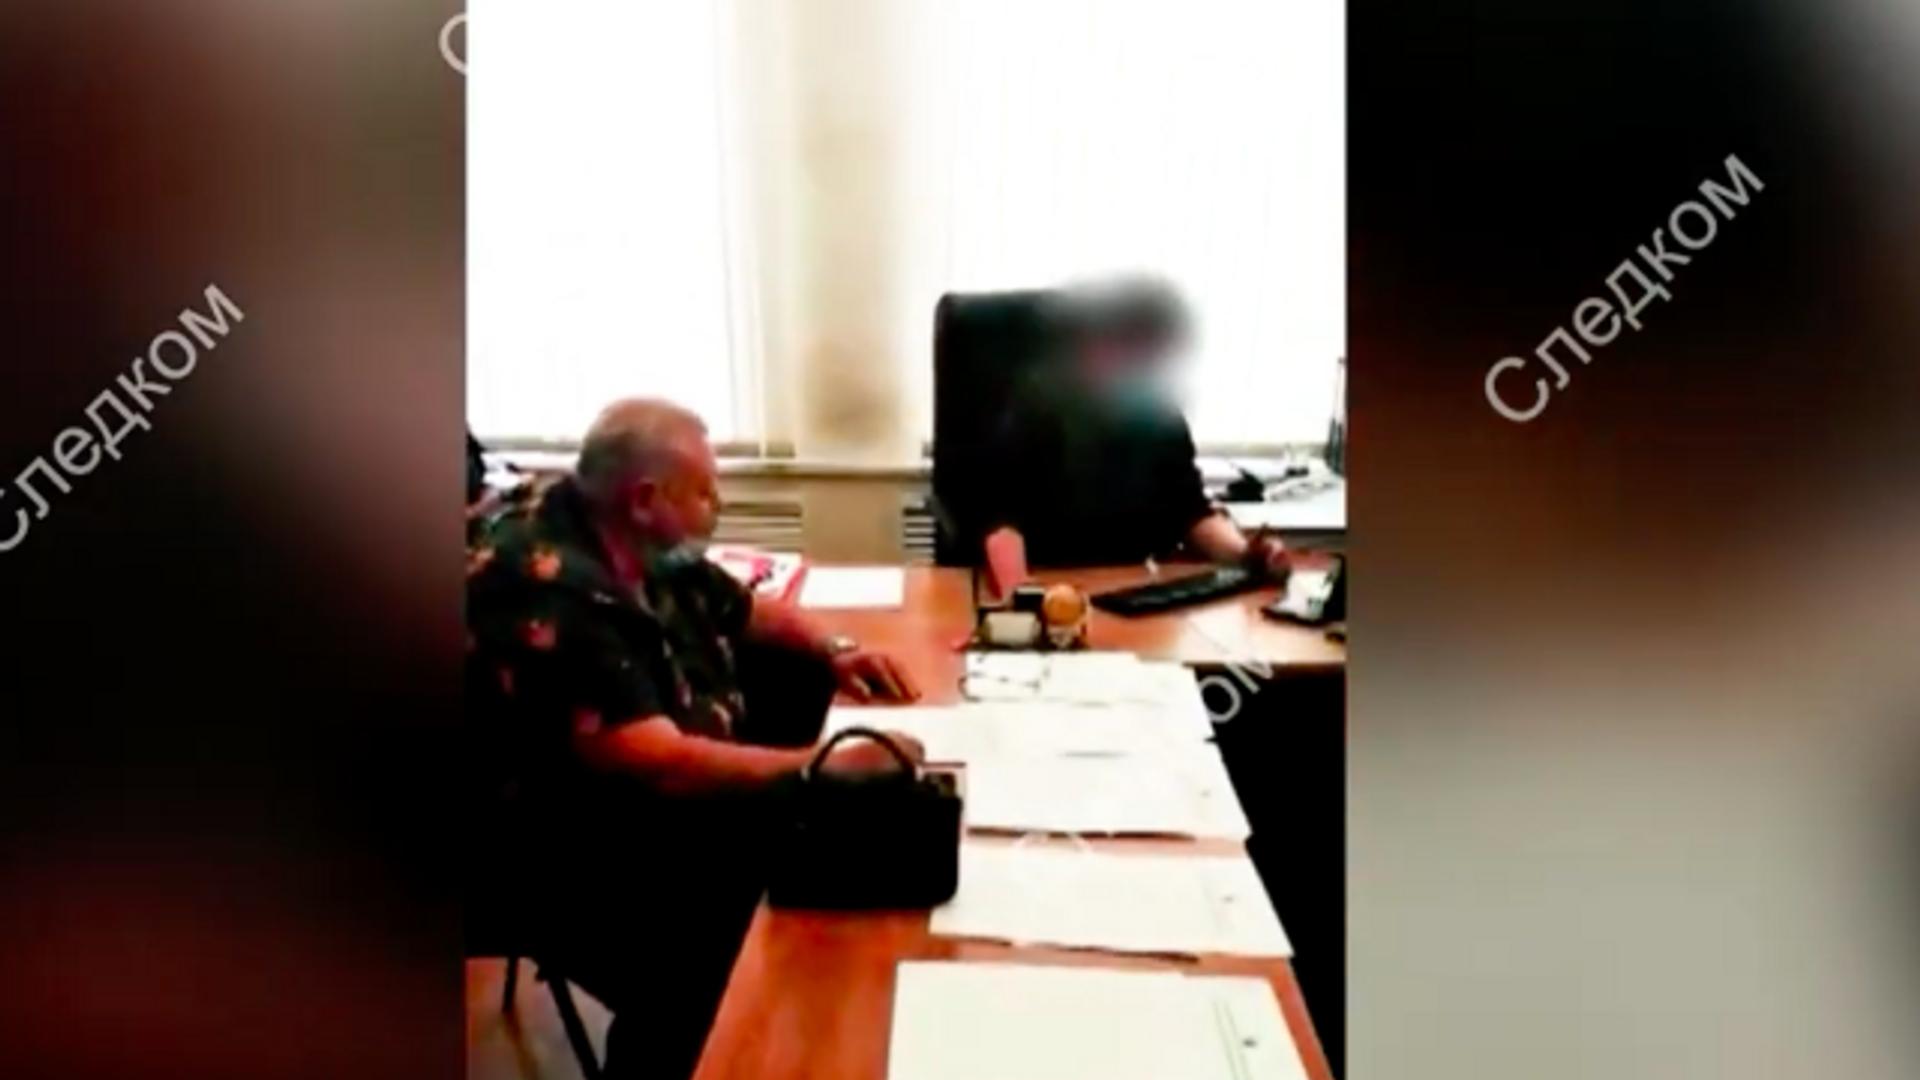 Житель Казани получил условный срок за фото Гитлера в